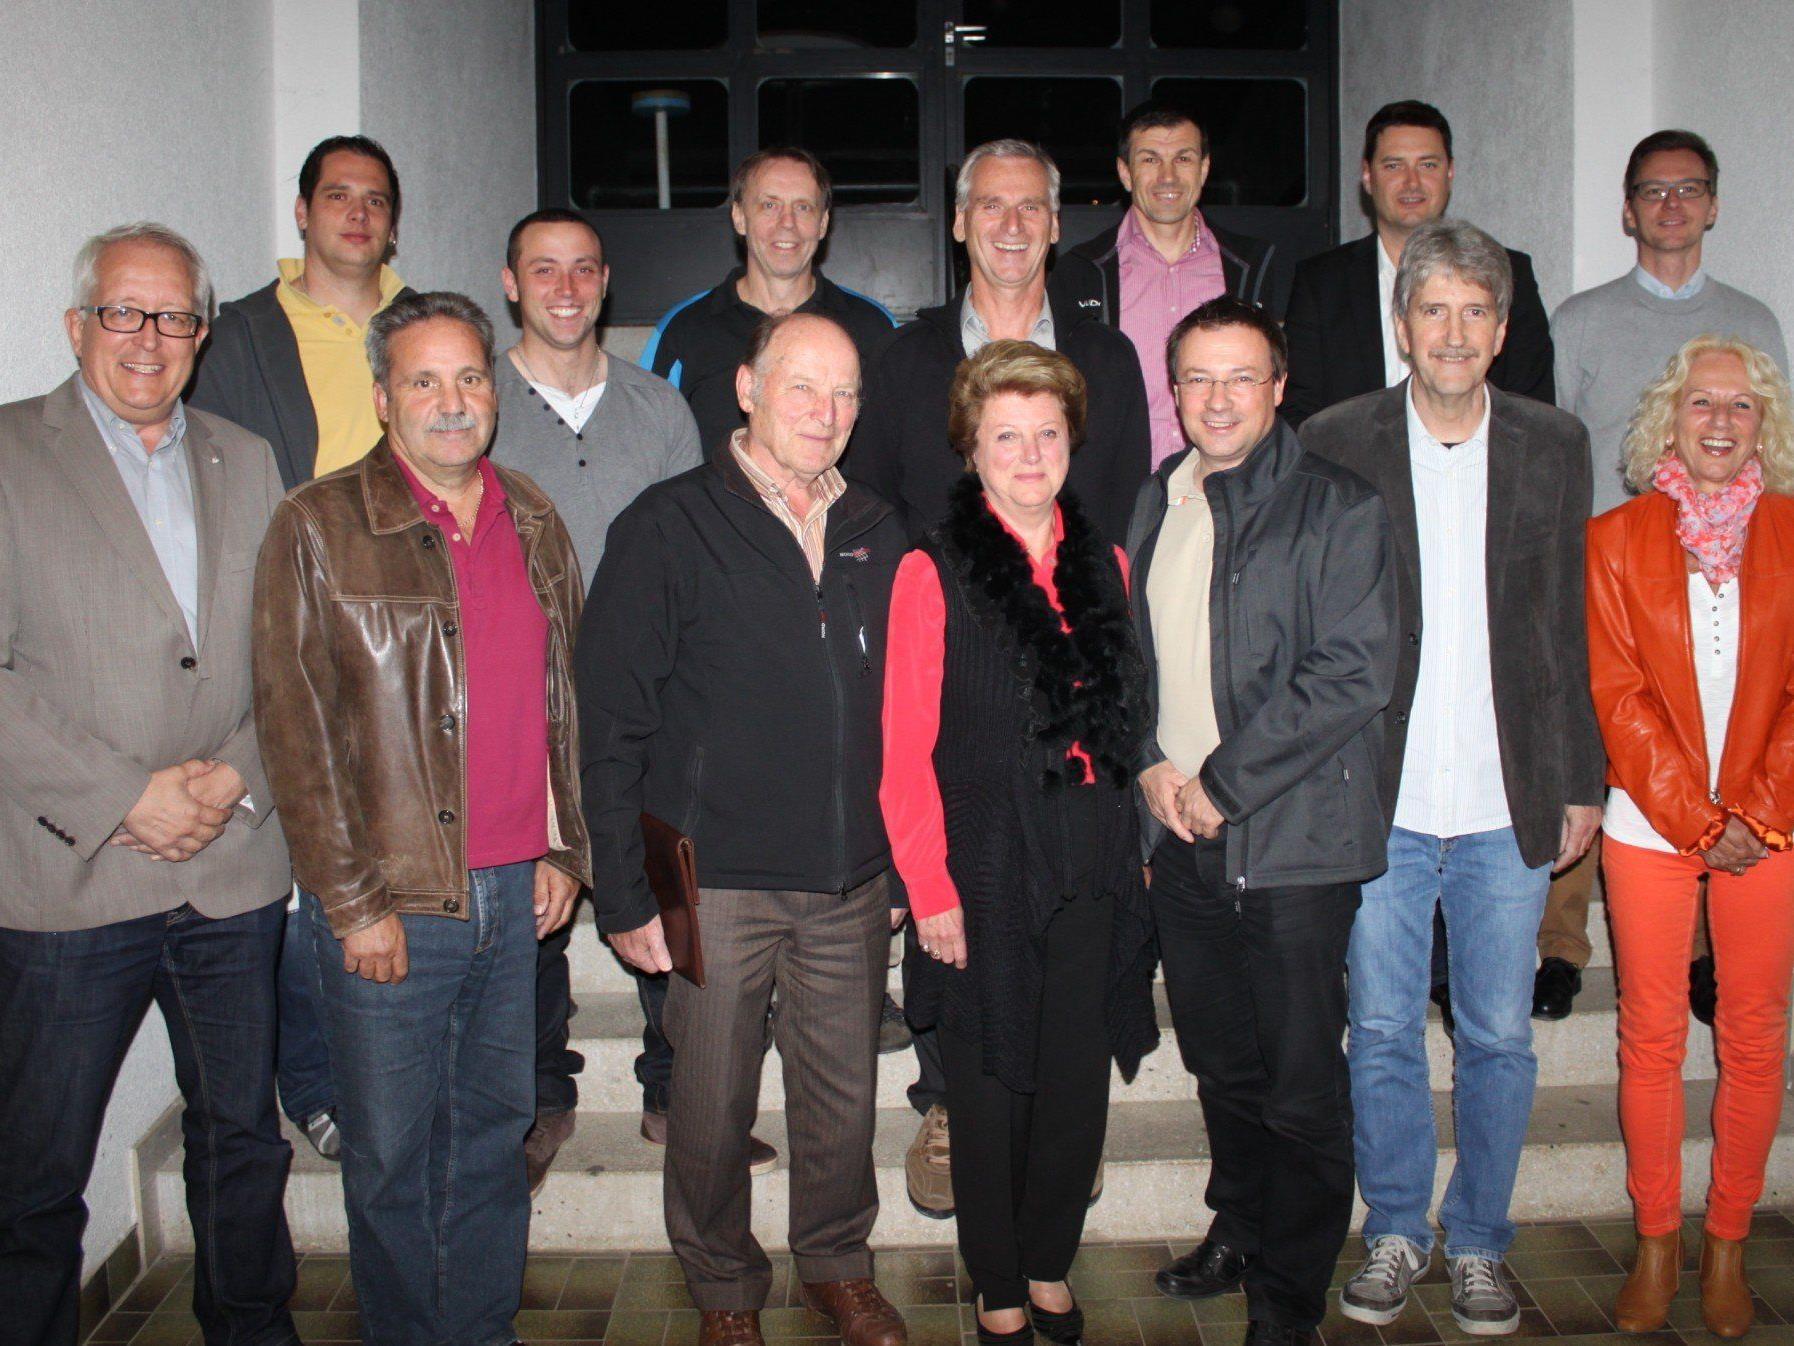 Der Vereinsausschuss des SV Lochau unter Führung von Obfrau Christl Gerhalter mit den Vertretern der acht eigenständigen Sportvereine und Vizebürgermeister Michael Simma.